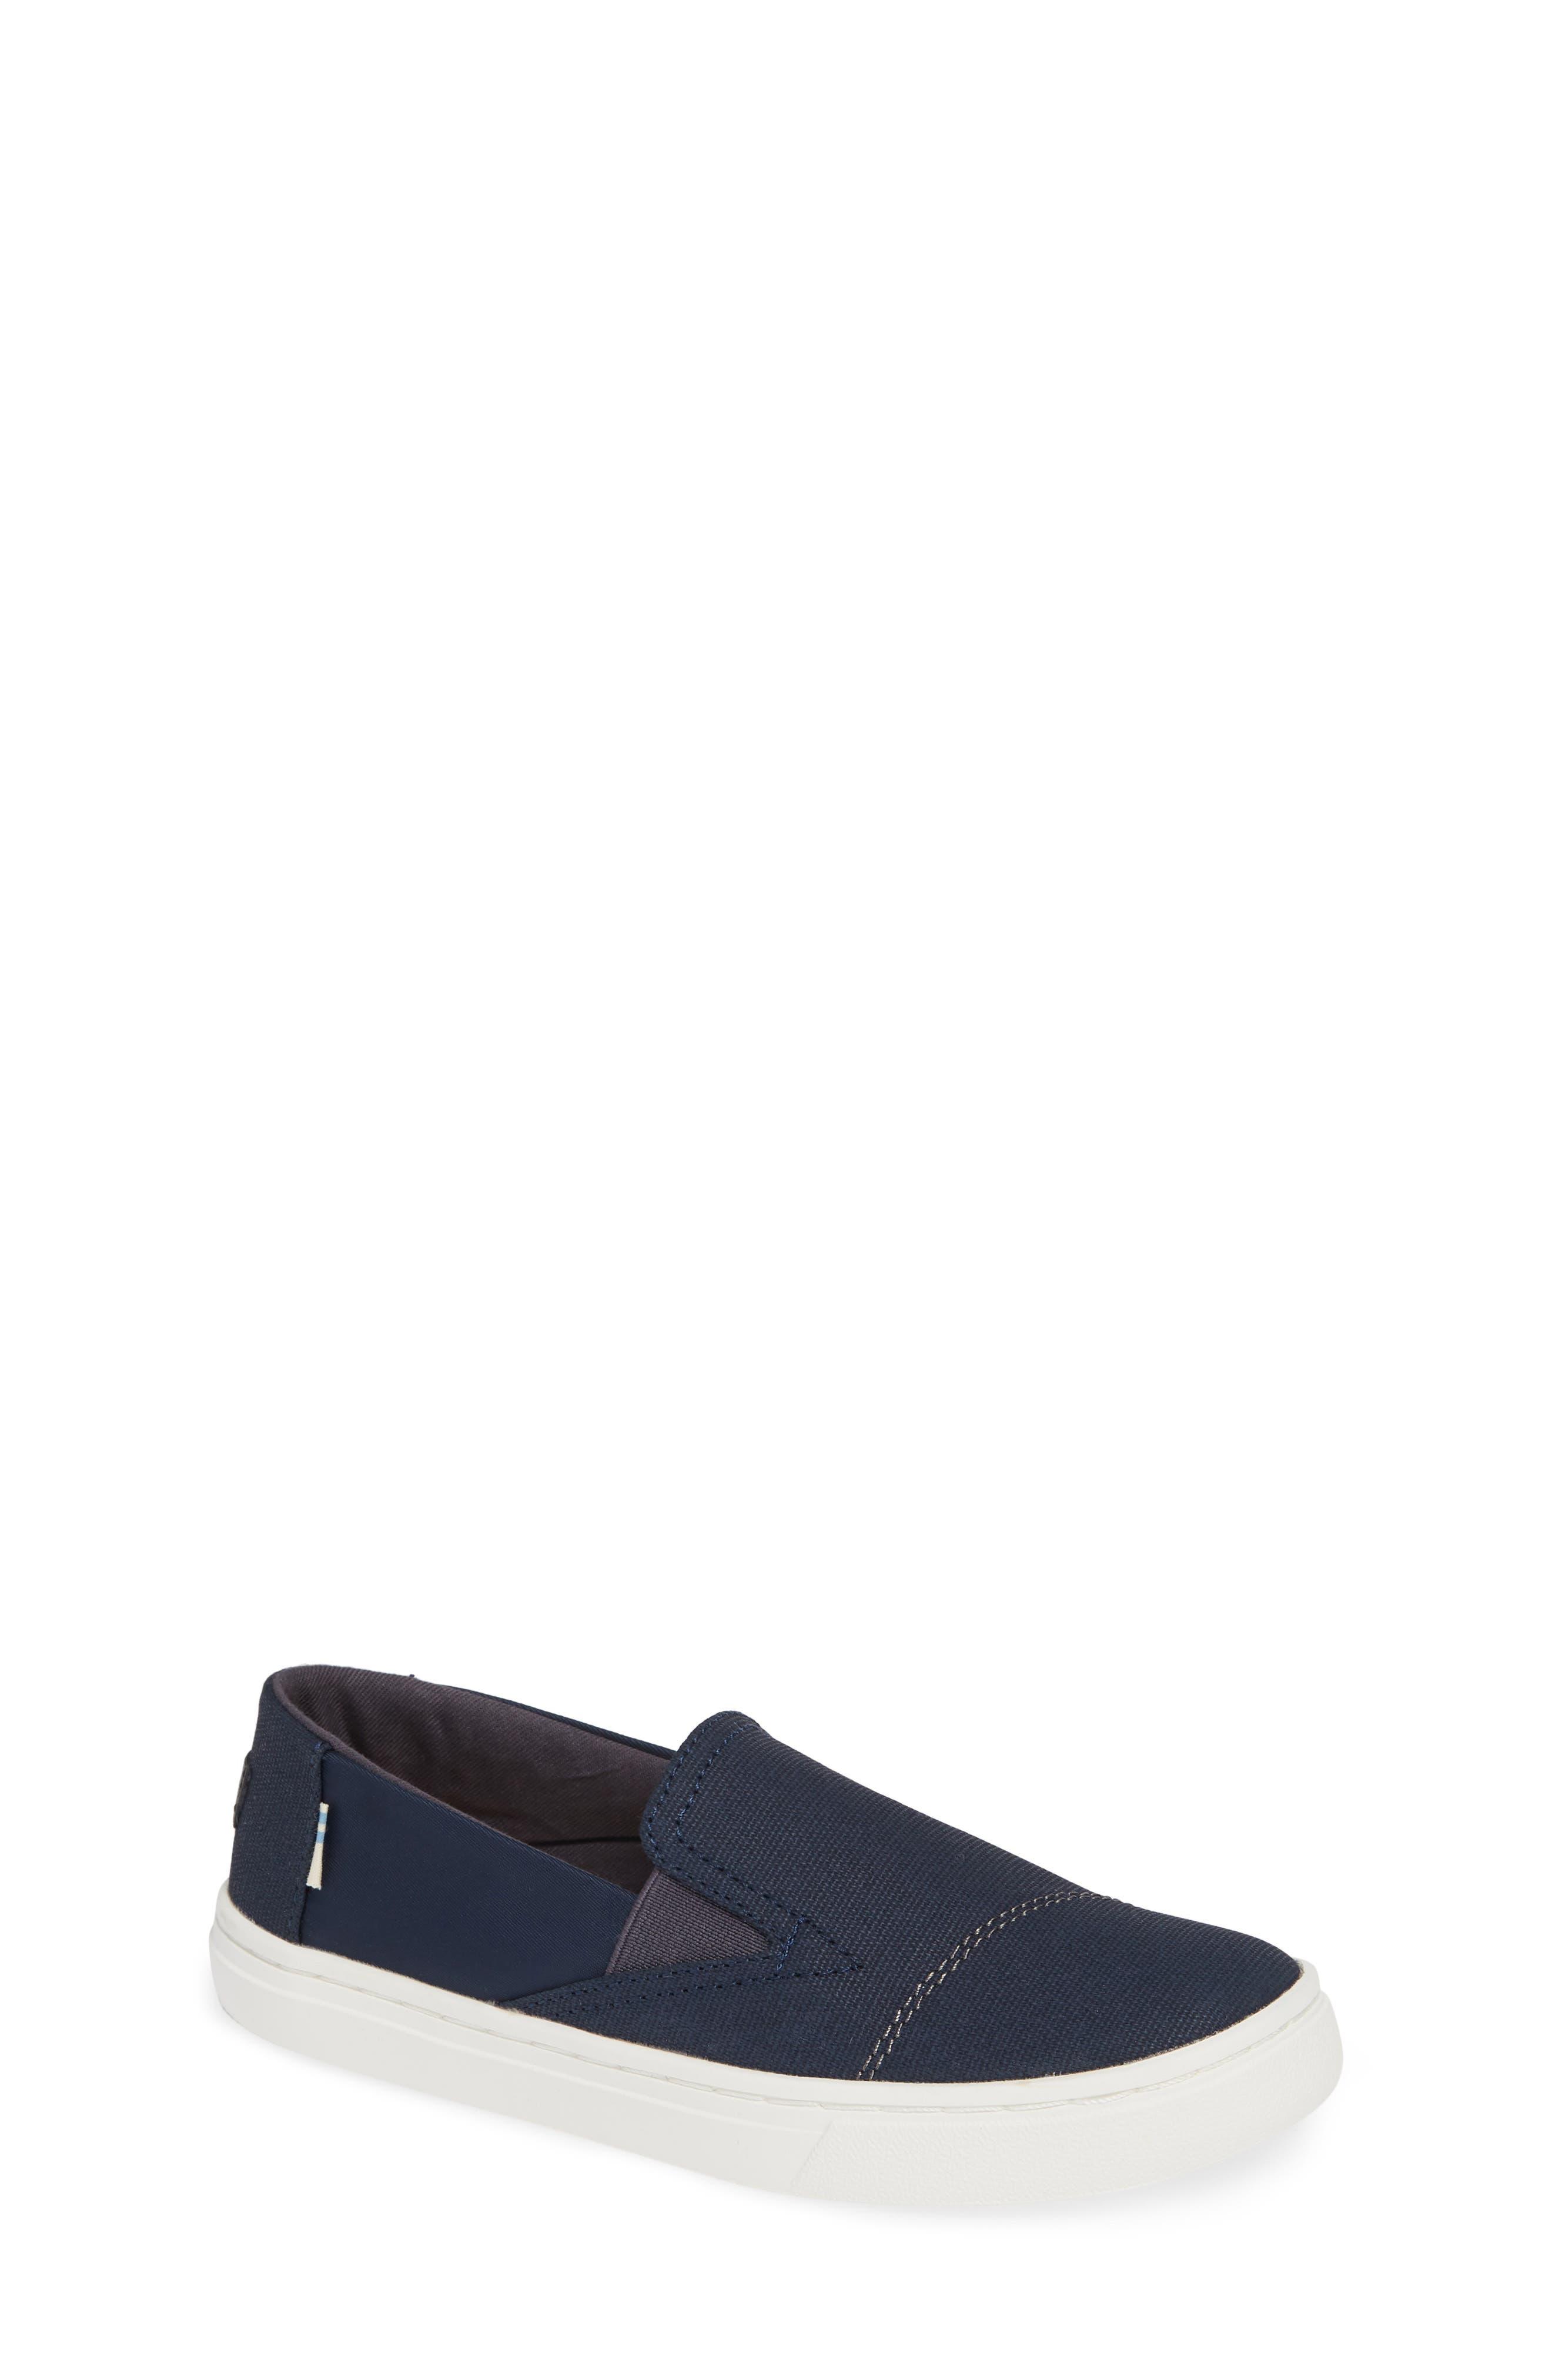 Luca Slip-On Sneaker,                             Main thumbnail 5, color,